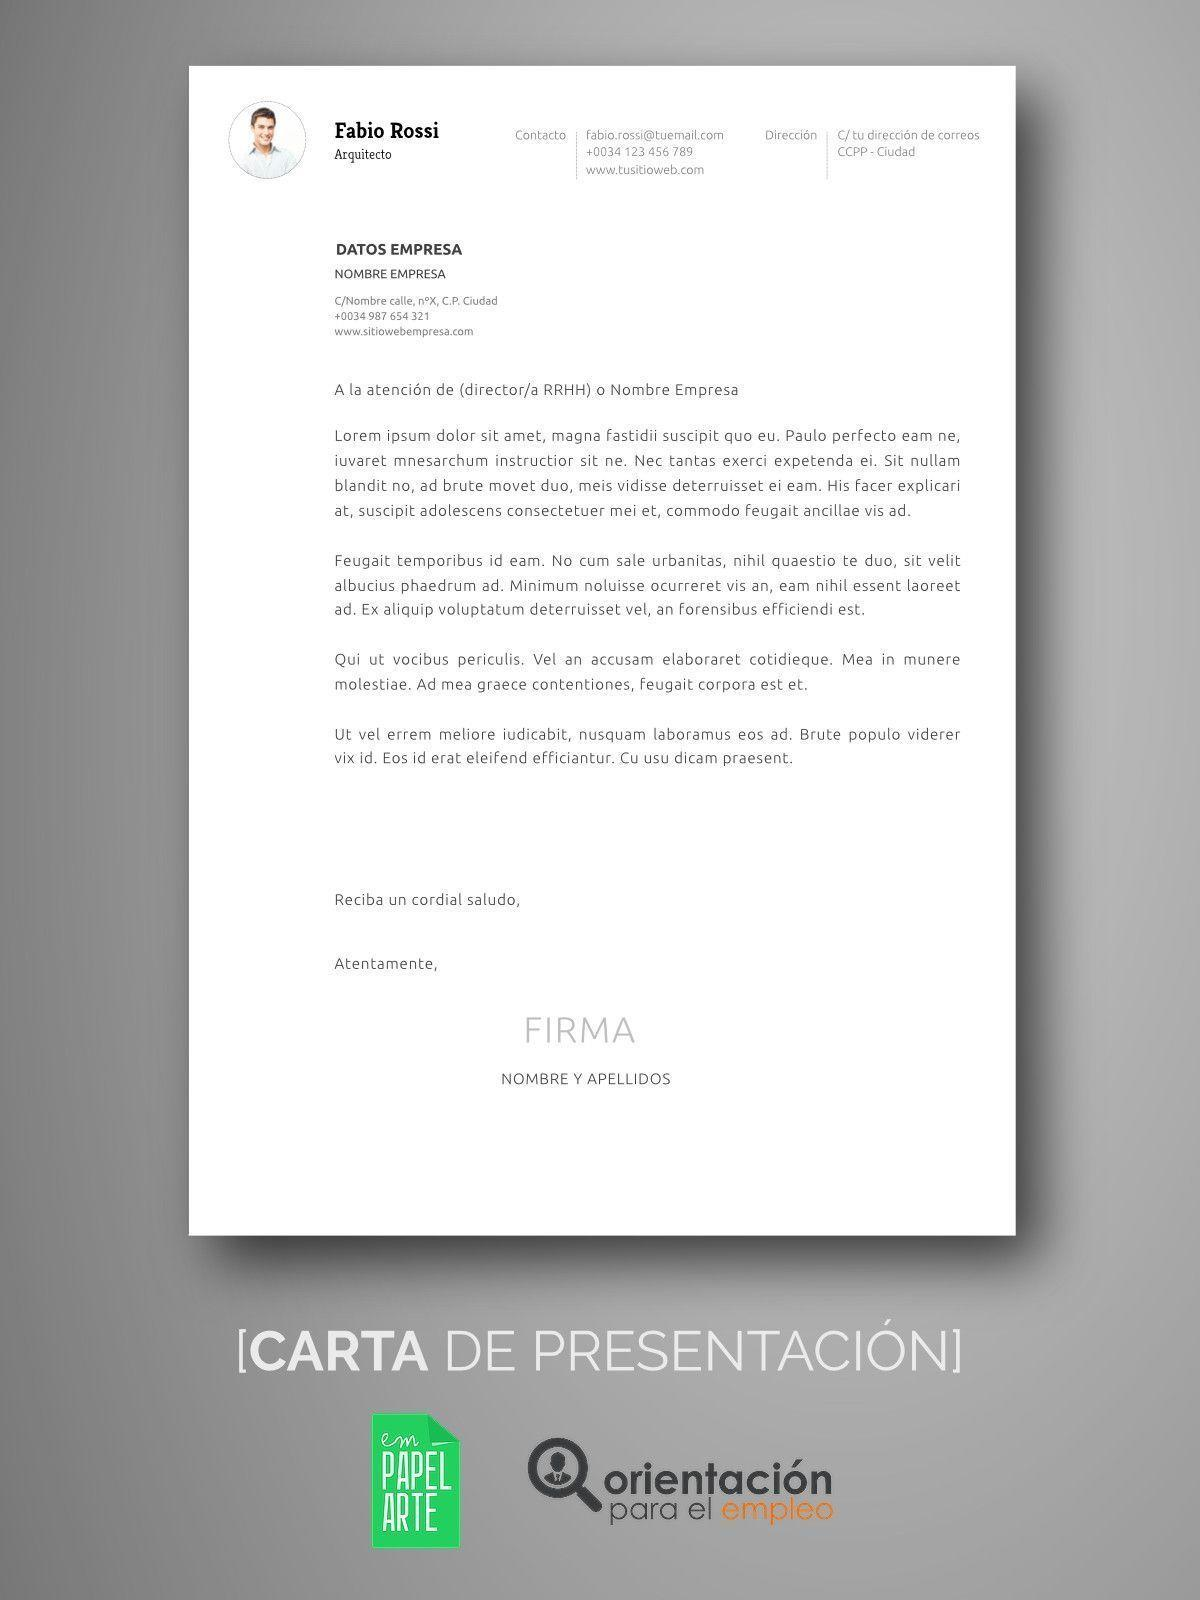 Lujoso Reanudar Carta De Presentación Ejemplos Uk Regalo - Ejemplo ...